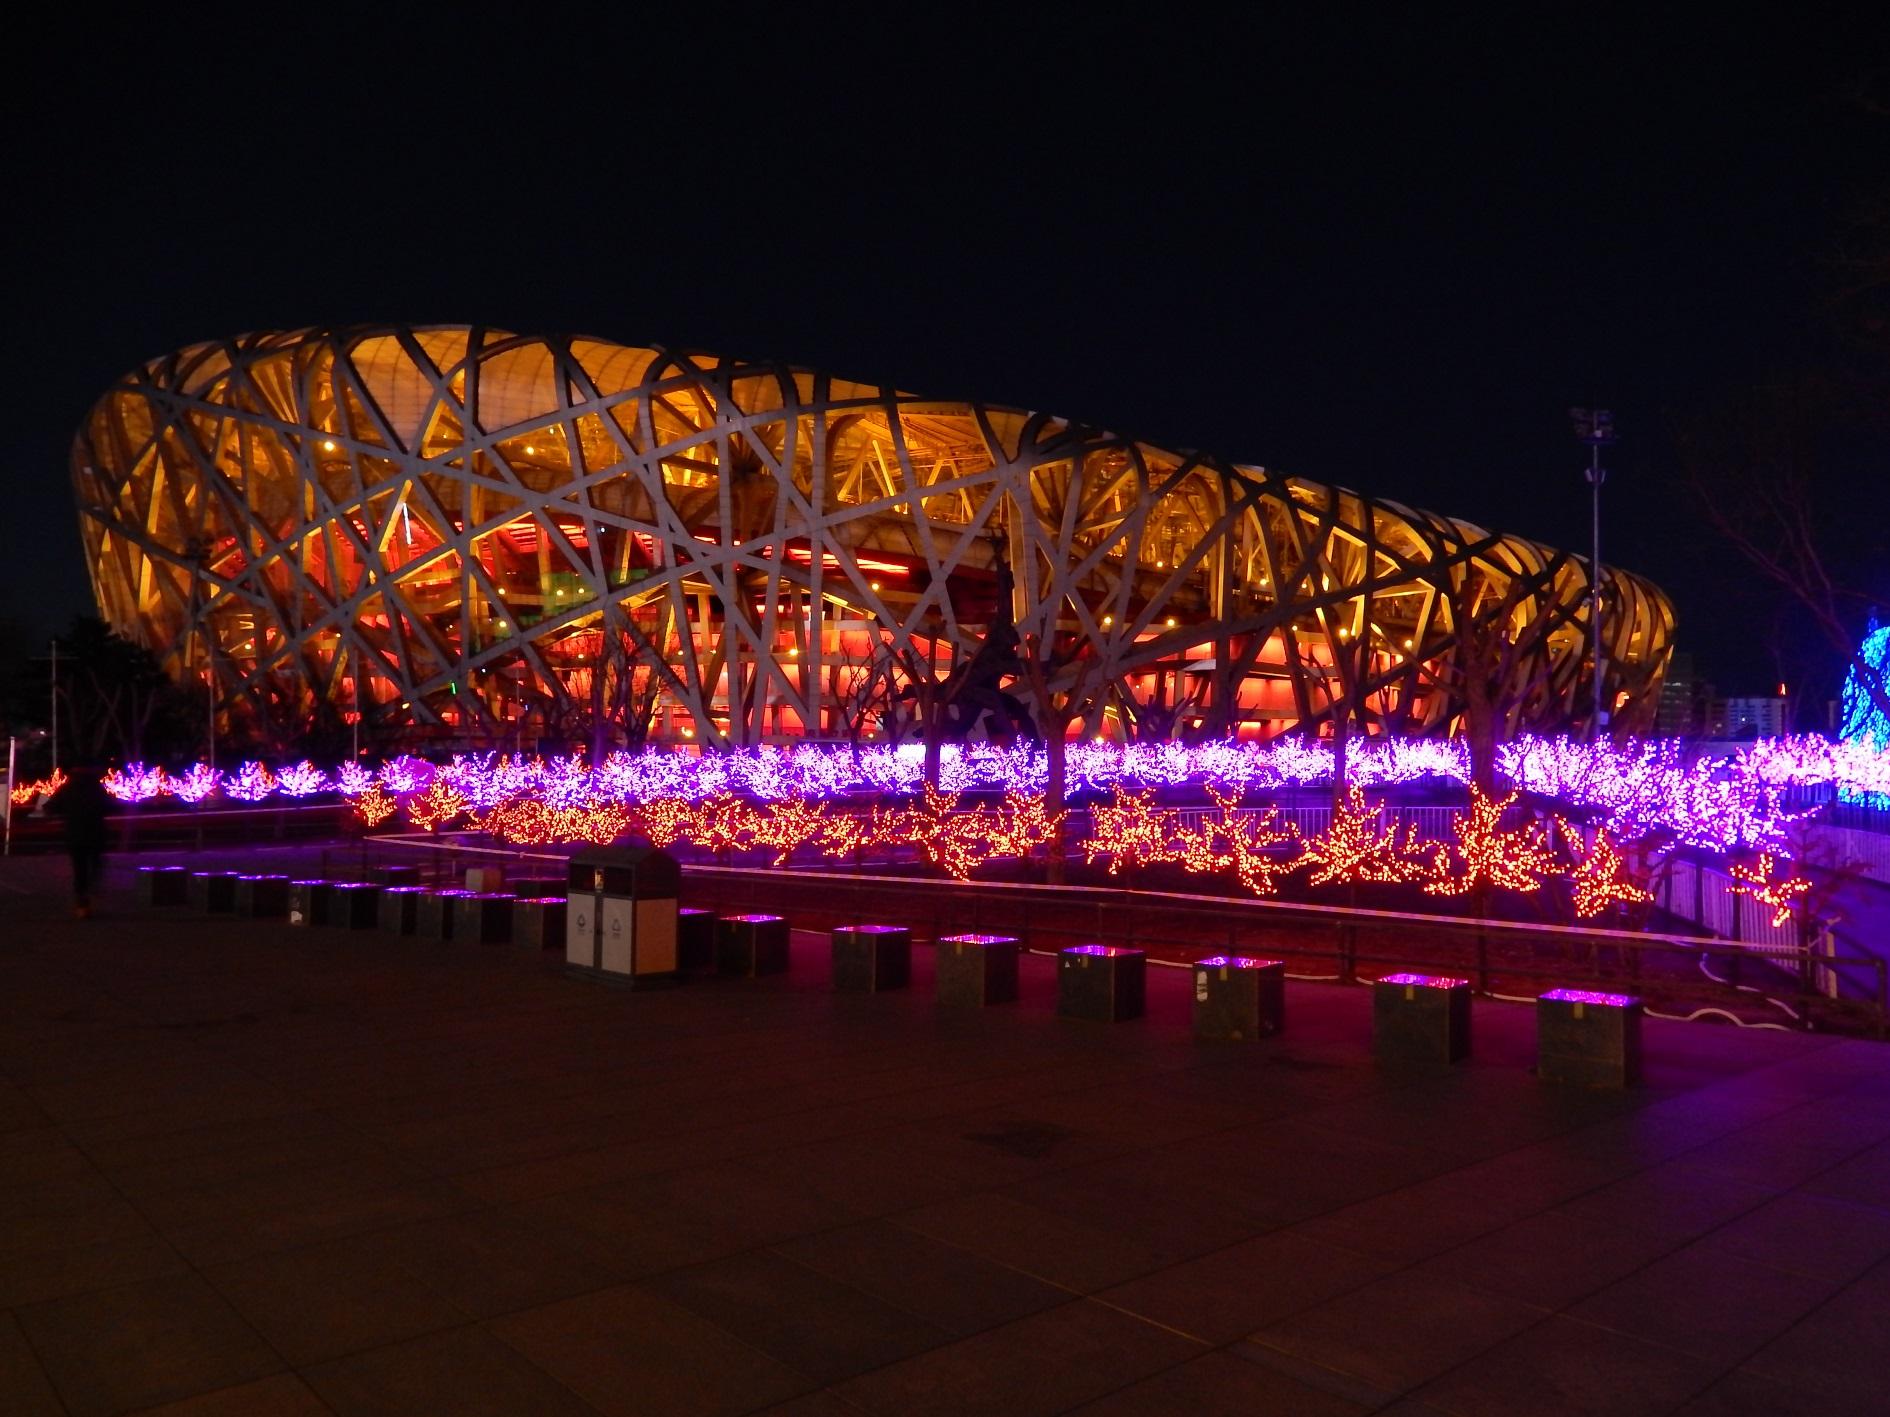 Birdnest_Stadium_Beijing_Fészek_Stadion_Peking_Olimpia